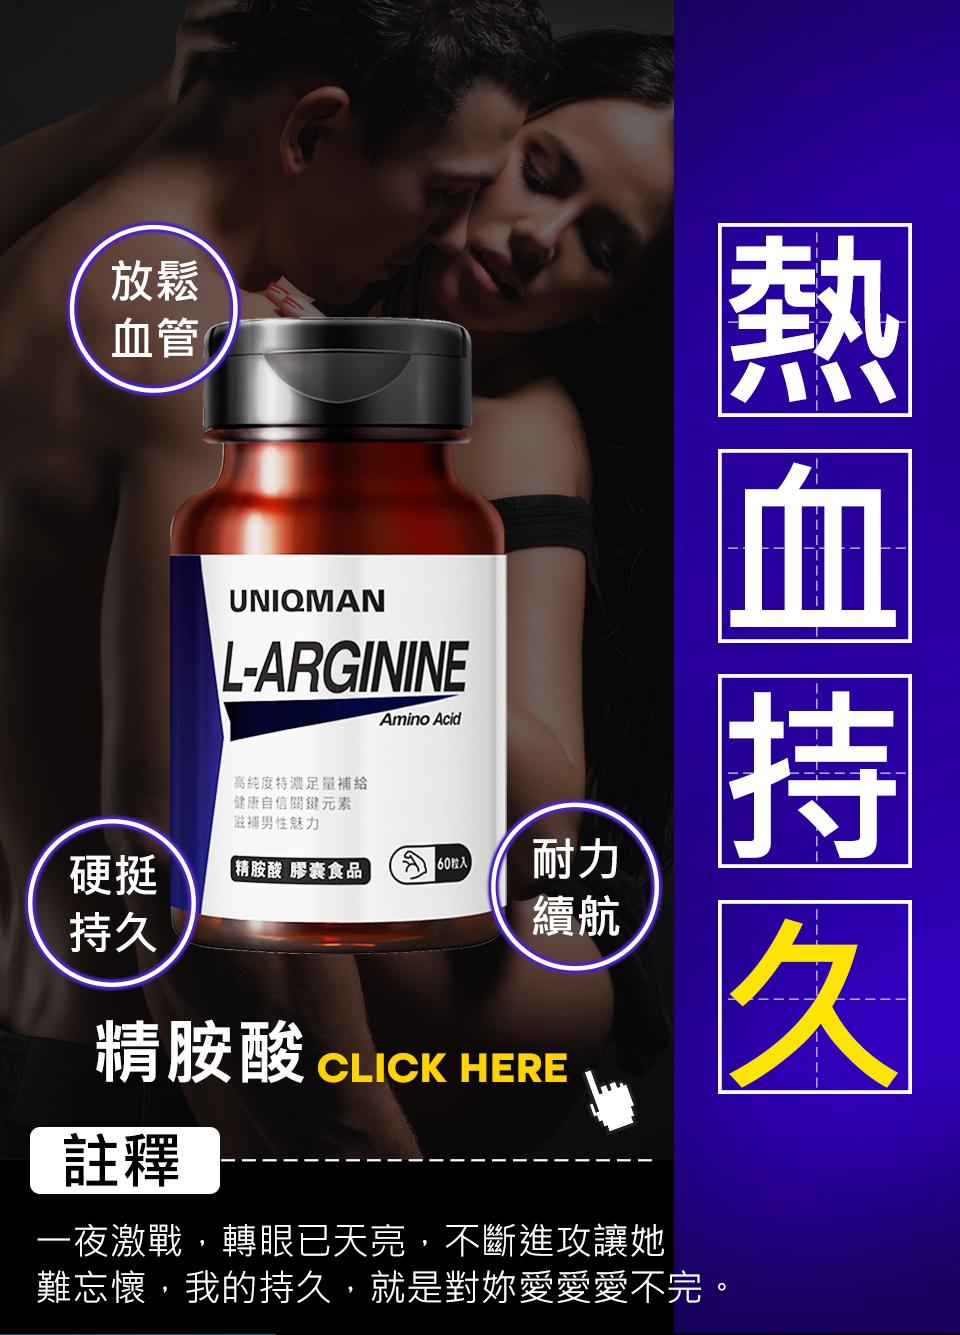 精胺酸促進血液循環、耐力提高、硬挺持久,助你一整夜都「熱血持久」